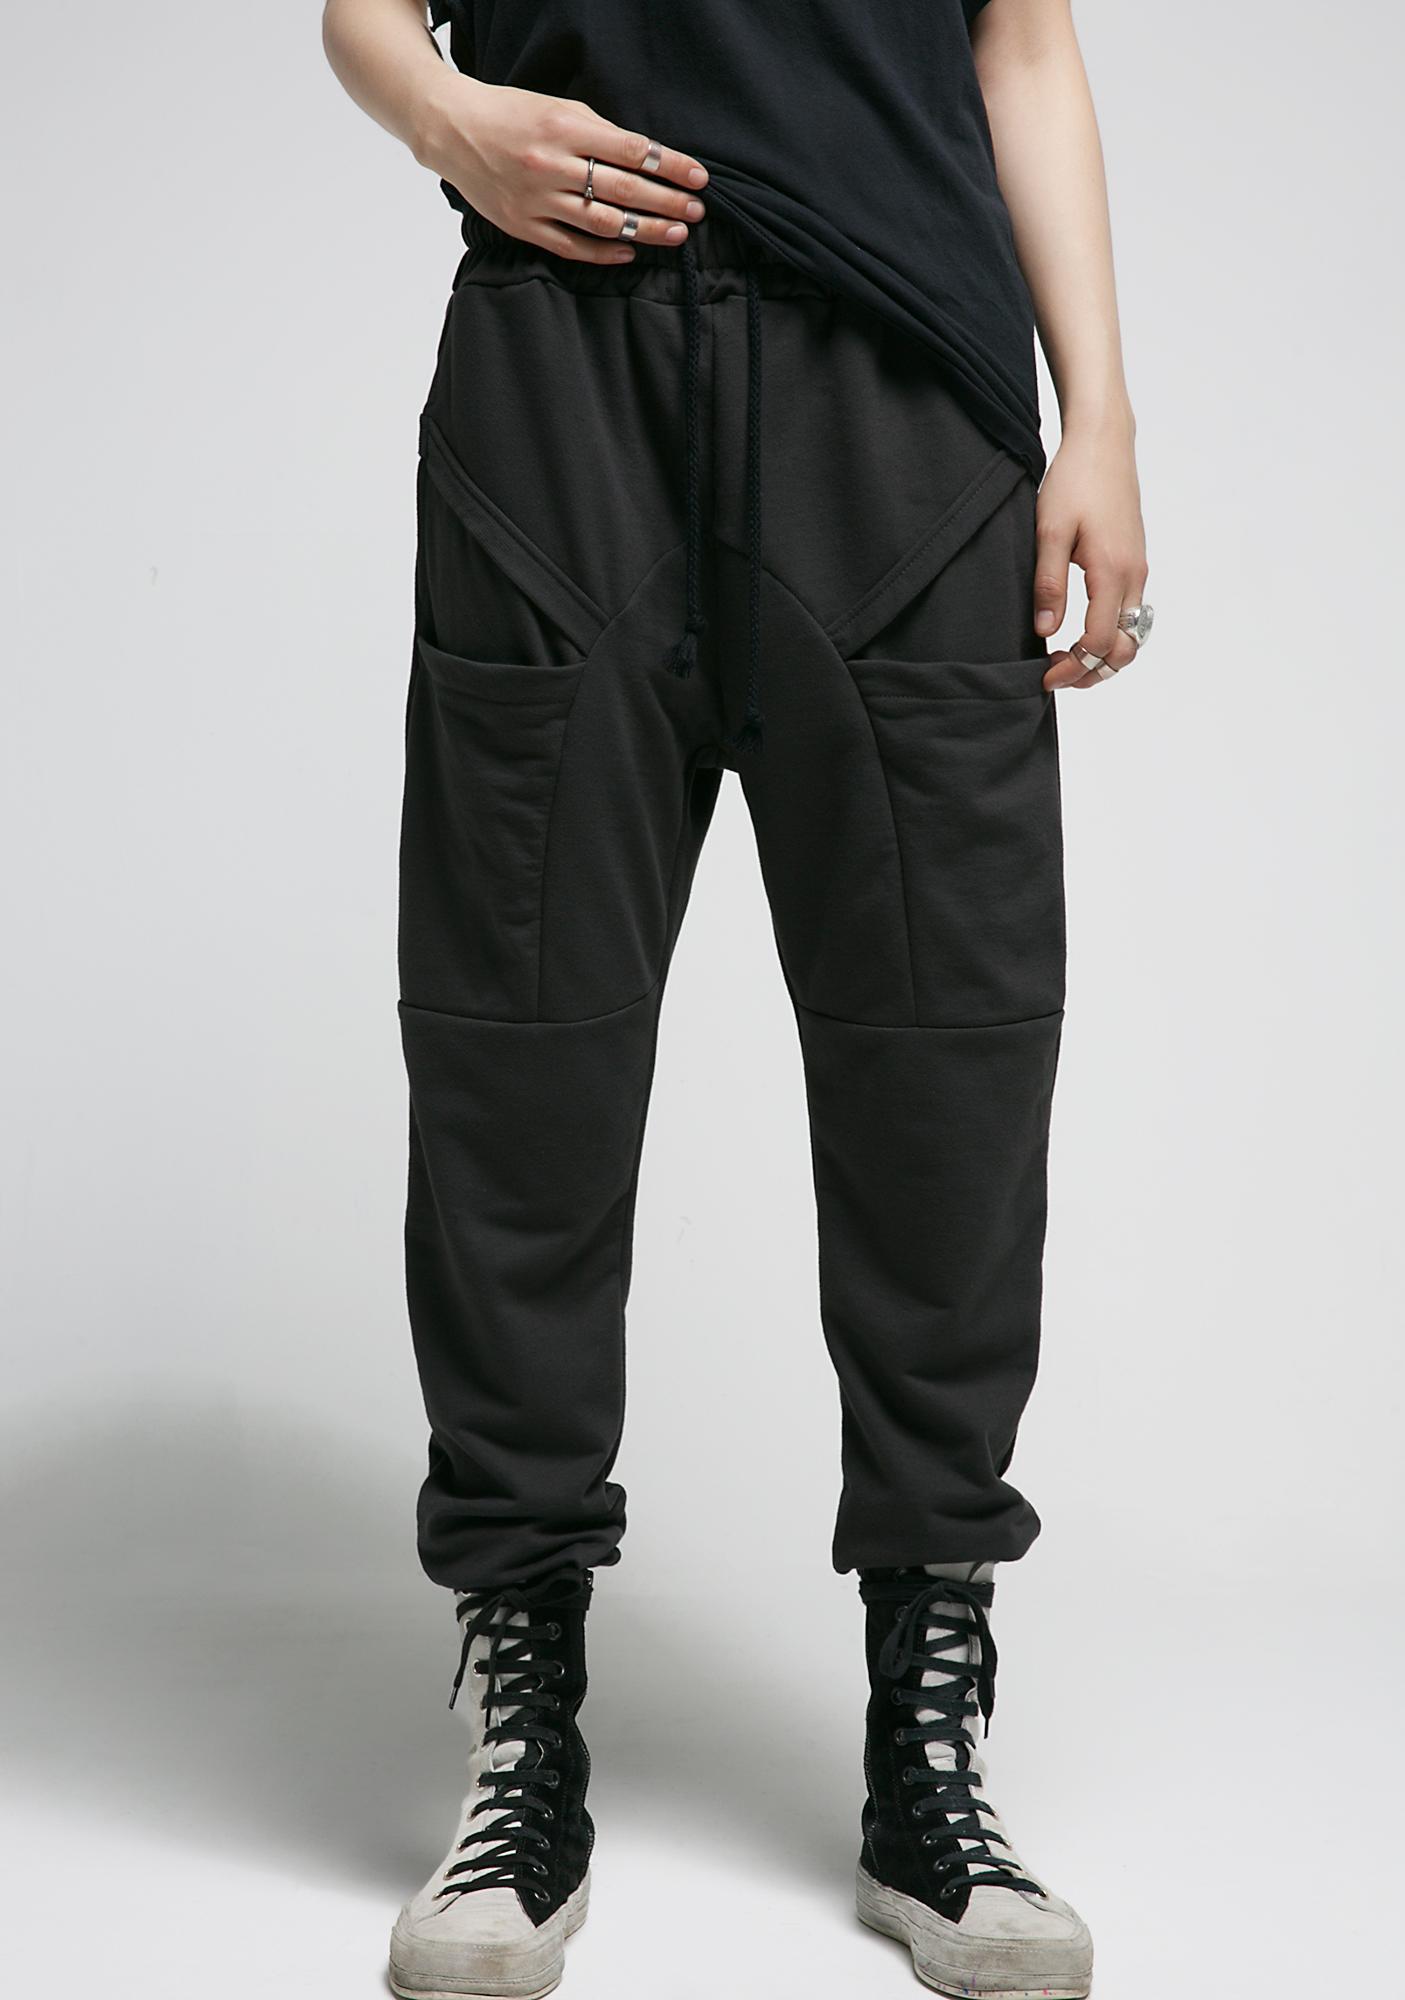 MNML Jetsettin' Jogger Pants